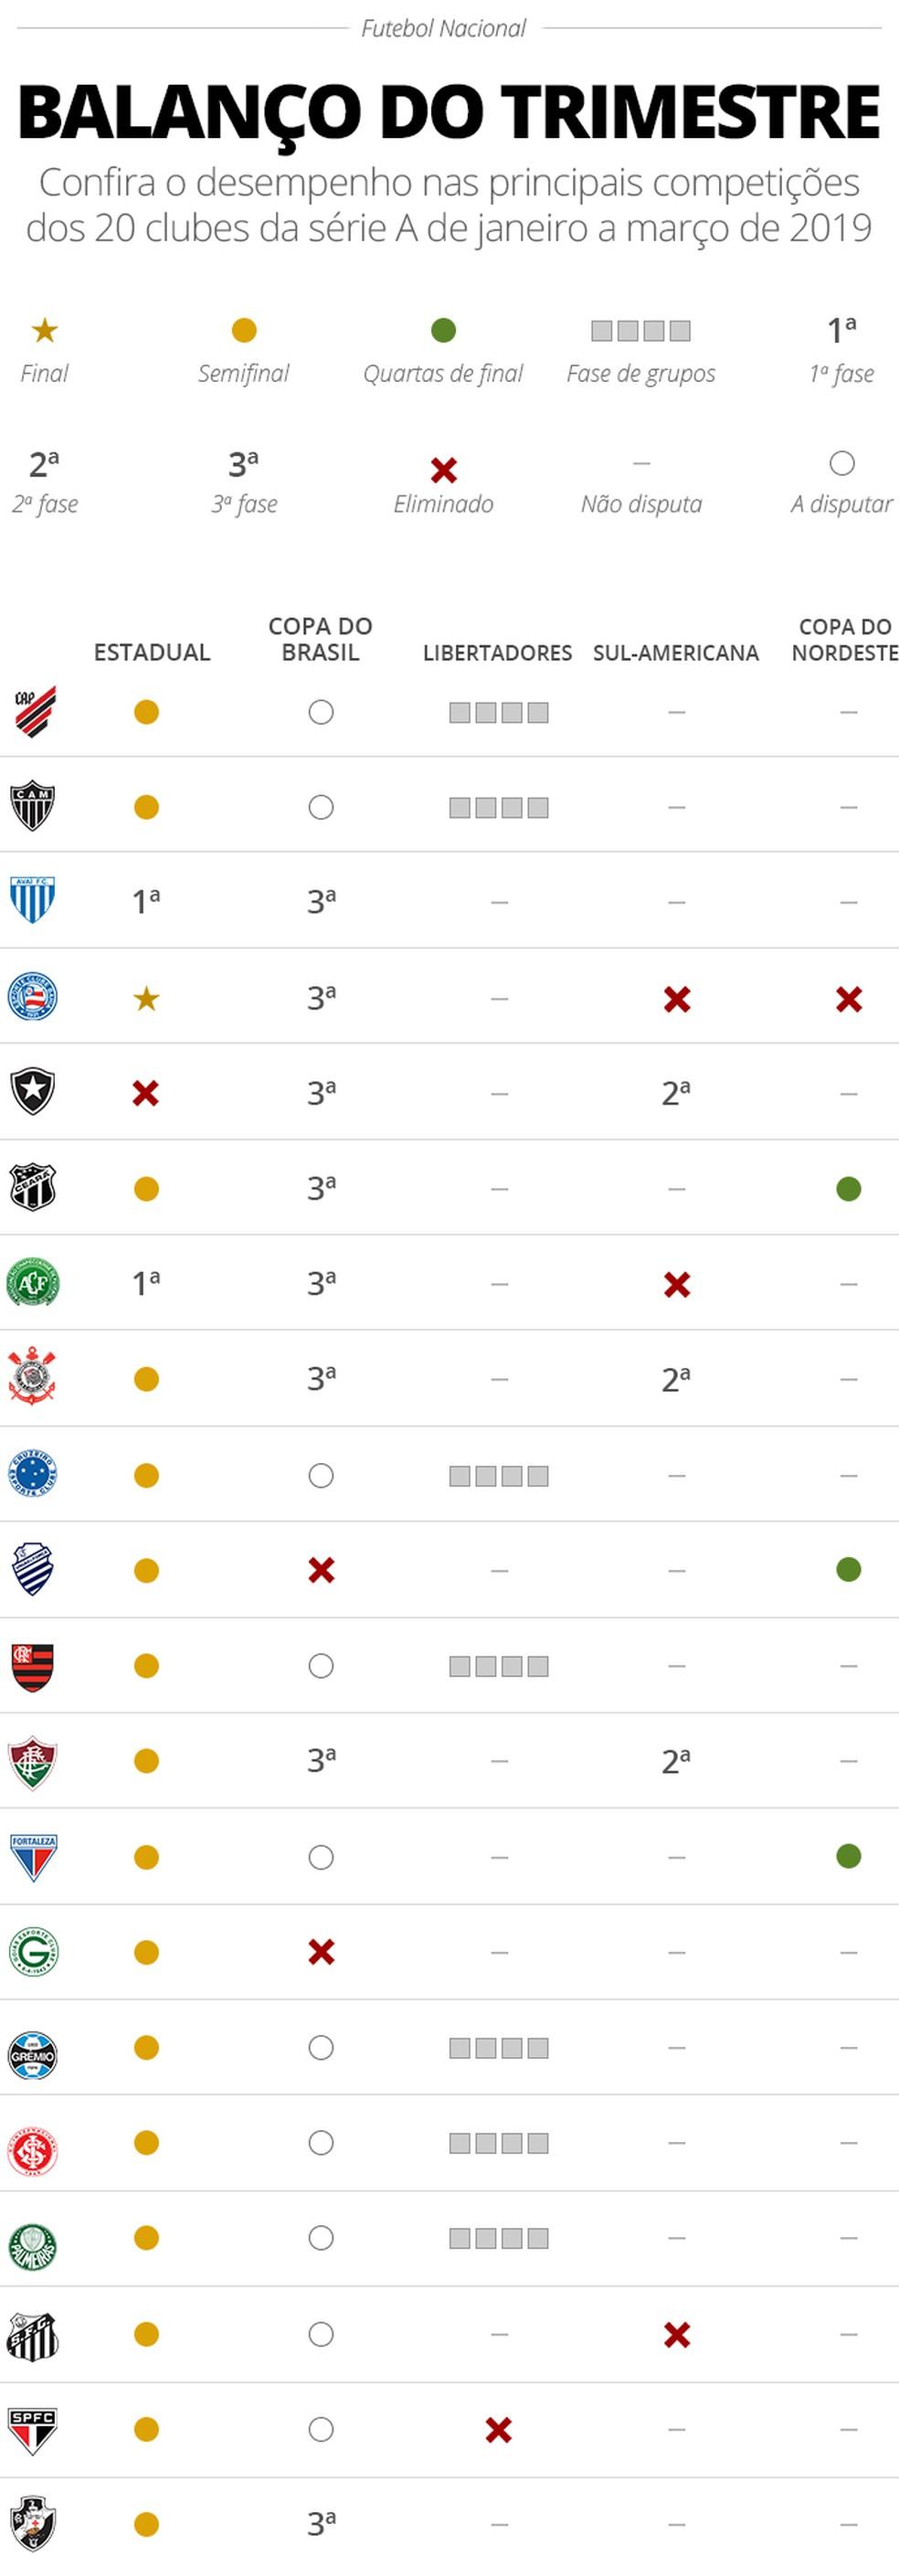 Status dos times da Série A em cada competição de 2019 — Foto: Infoesporte